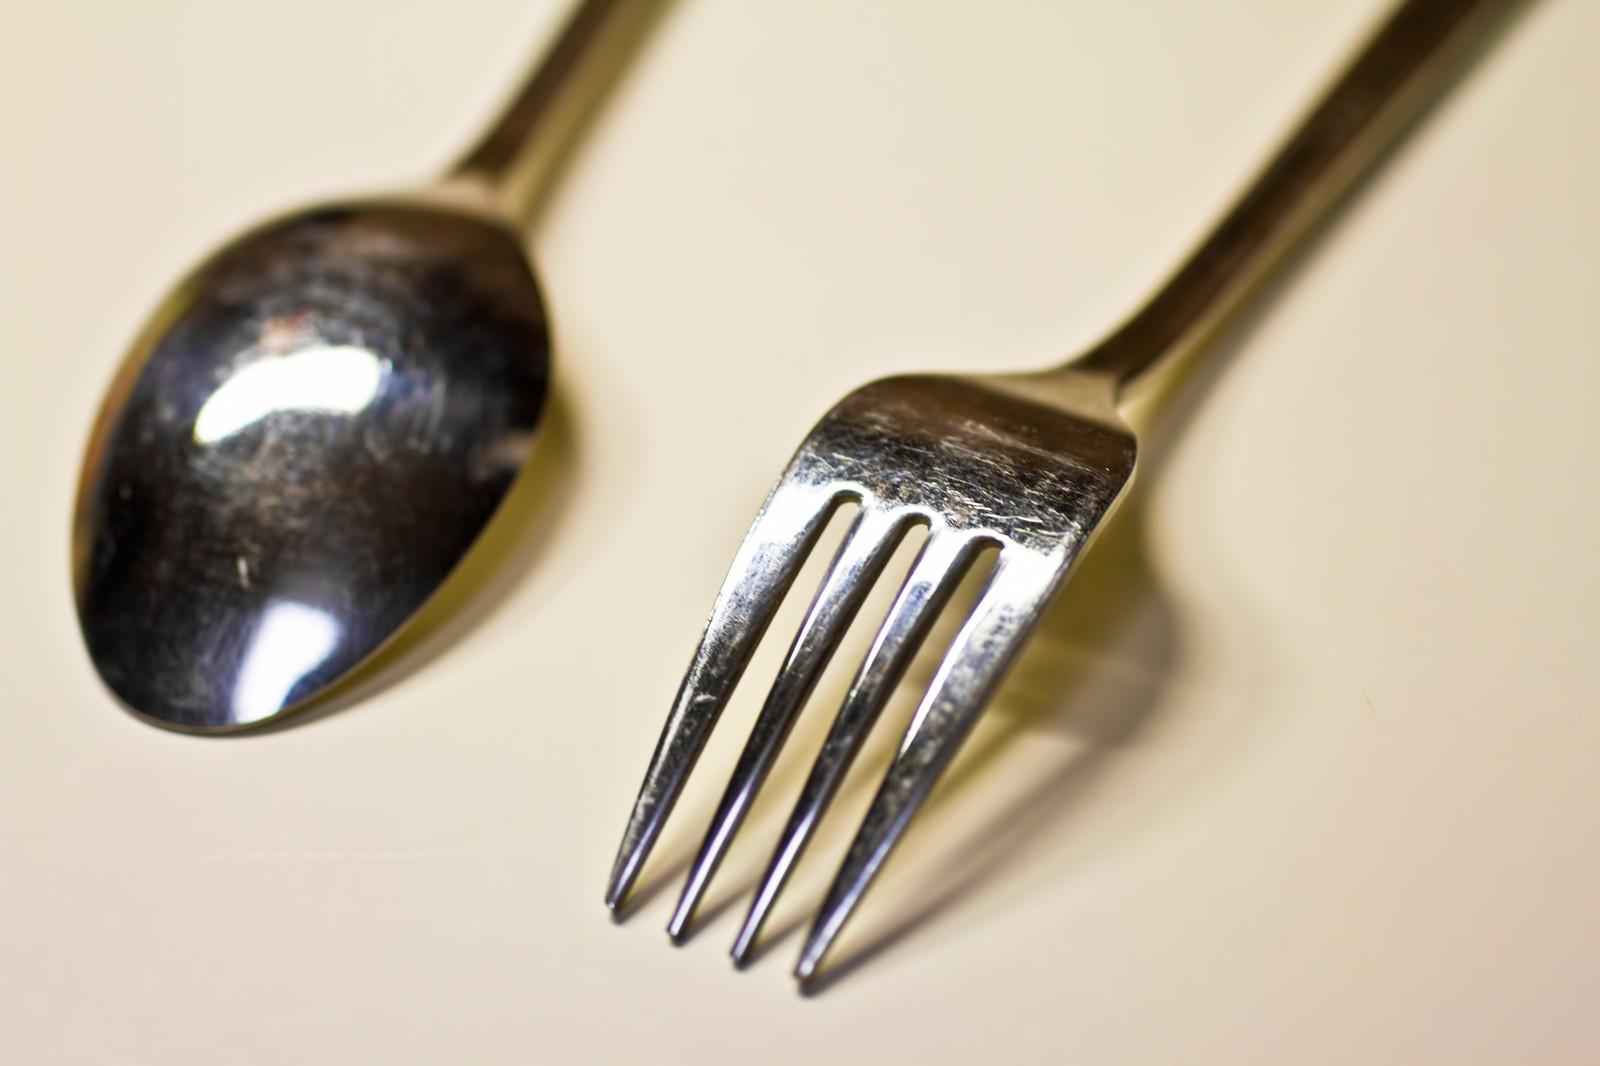 「銀のスプーンとフォーク | 写真の無料素材・フリー素材 - ぱくたそ」の写真